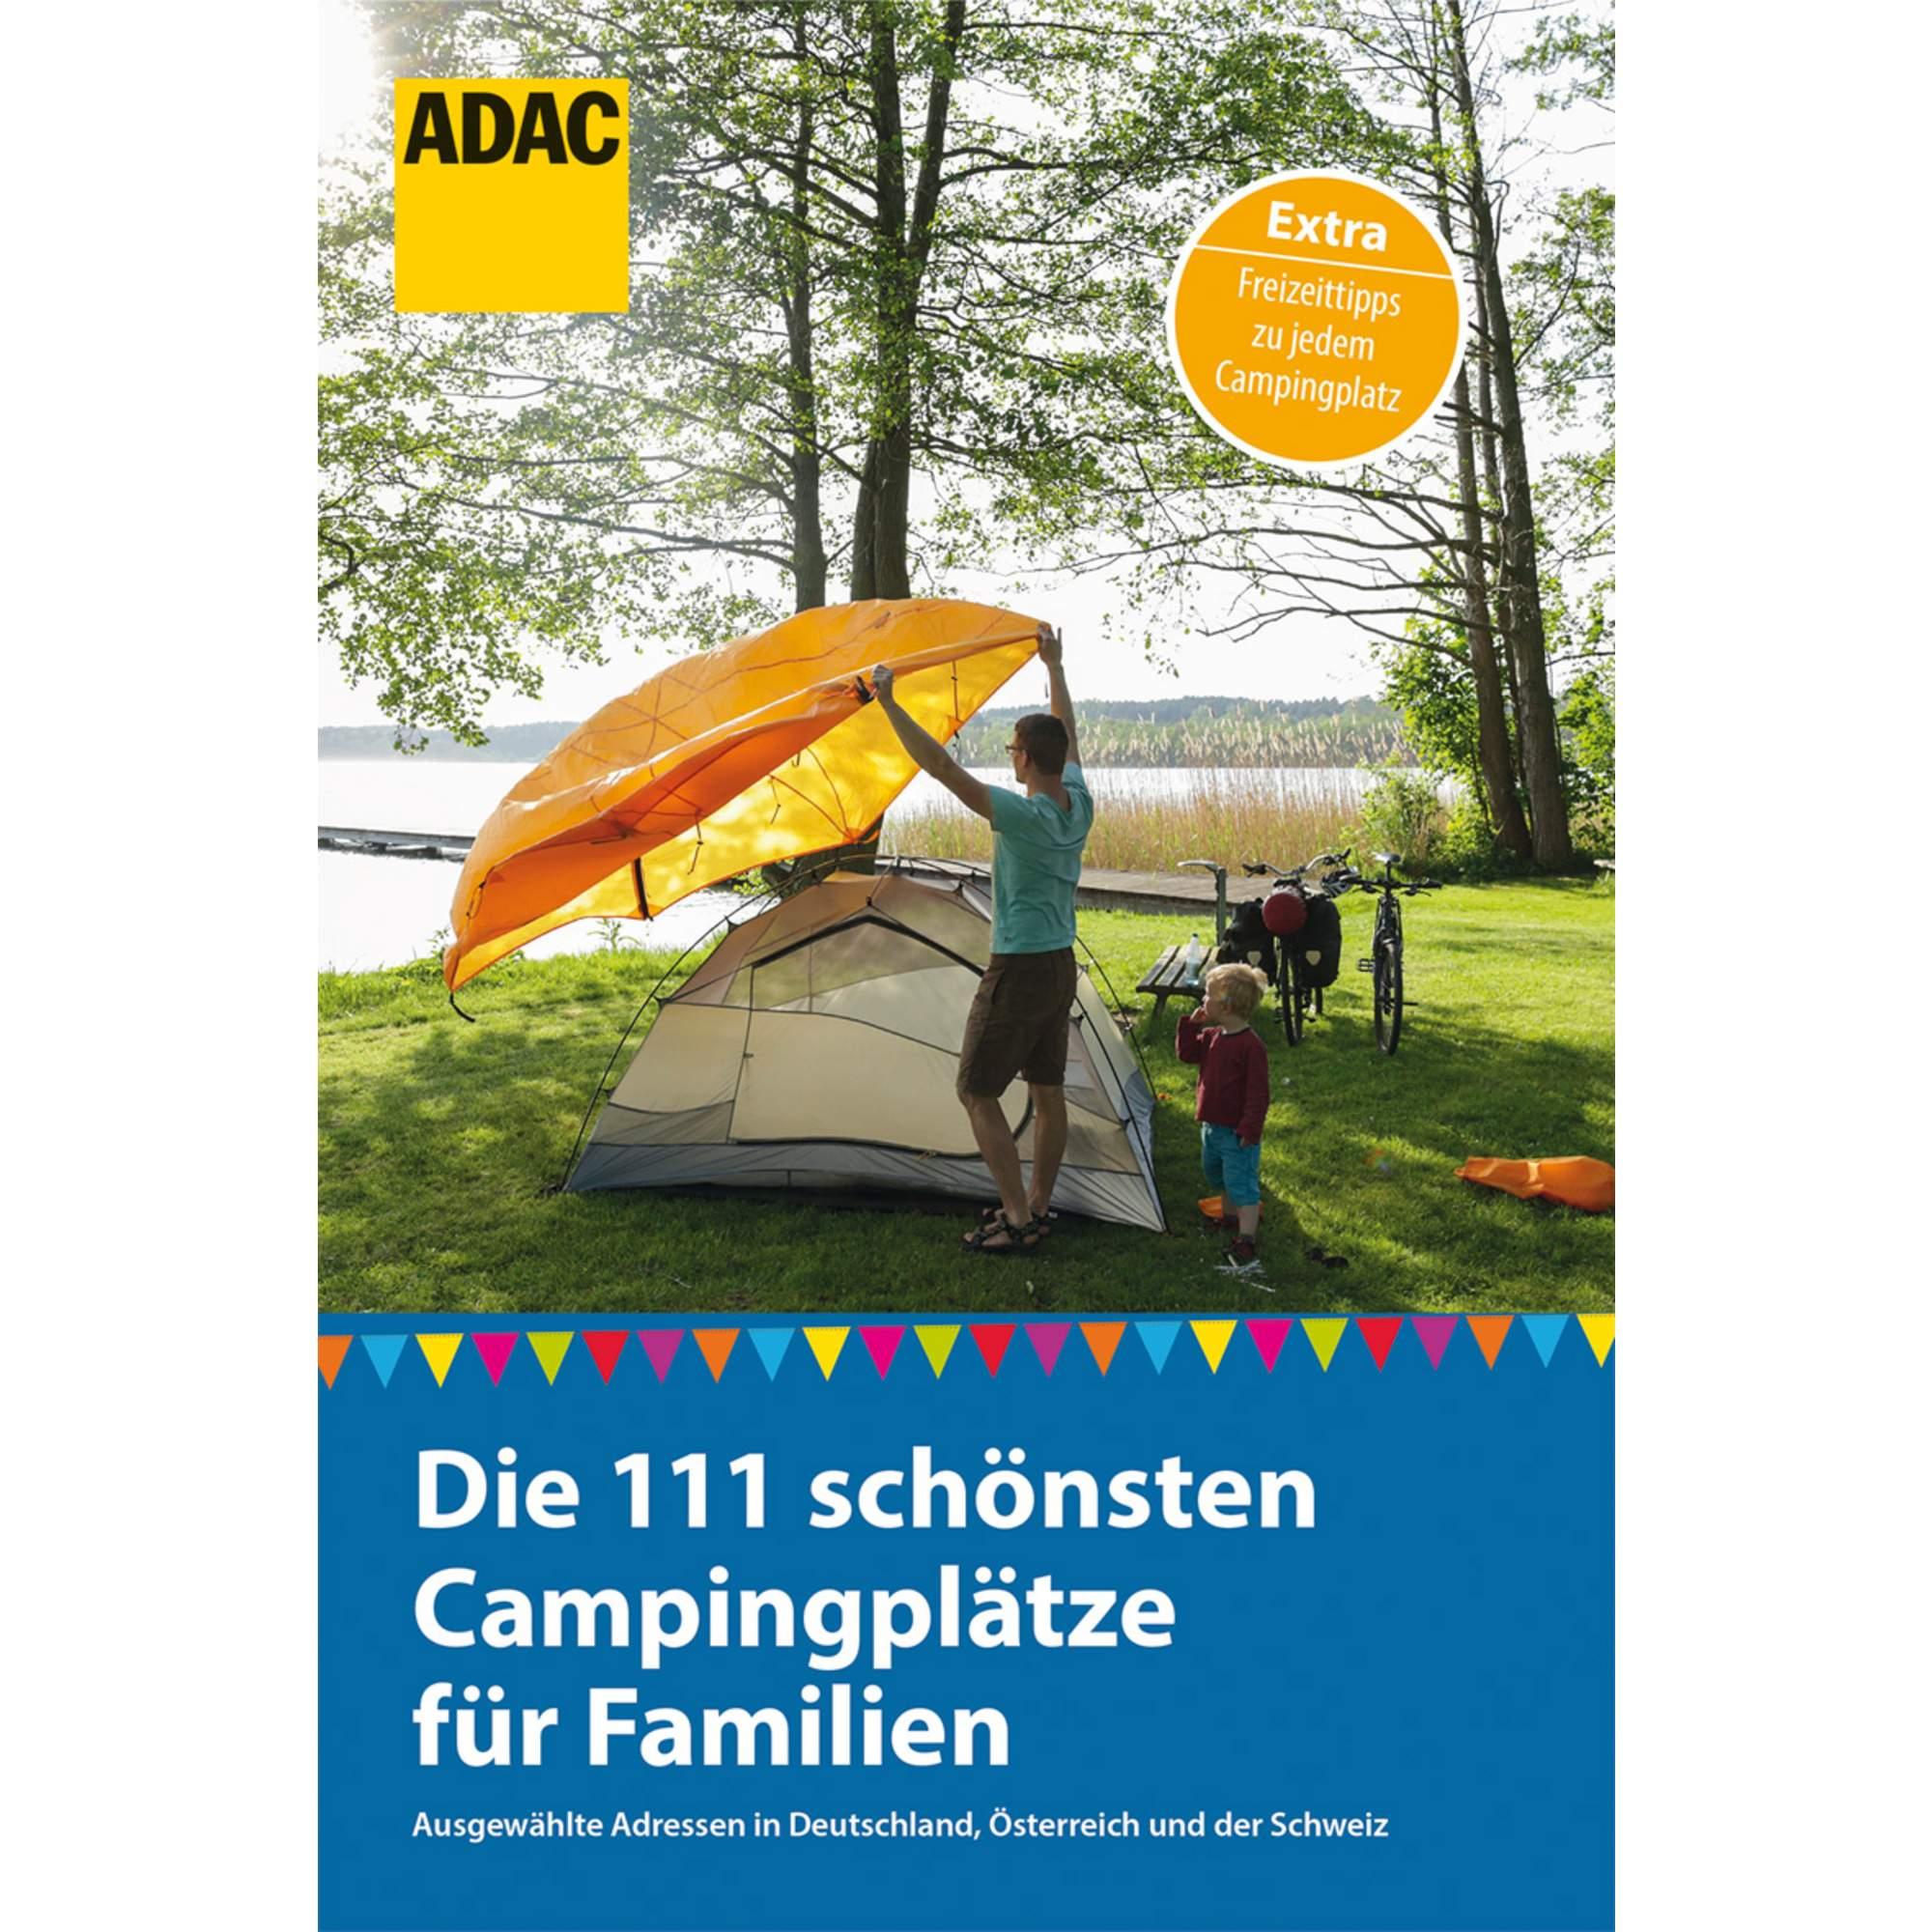 111 SCHÖNSTEN CAMPINGPLÄTZE FÜR FAMILIEN, 19,80 Euro